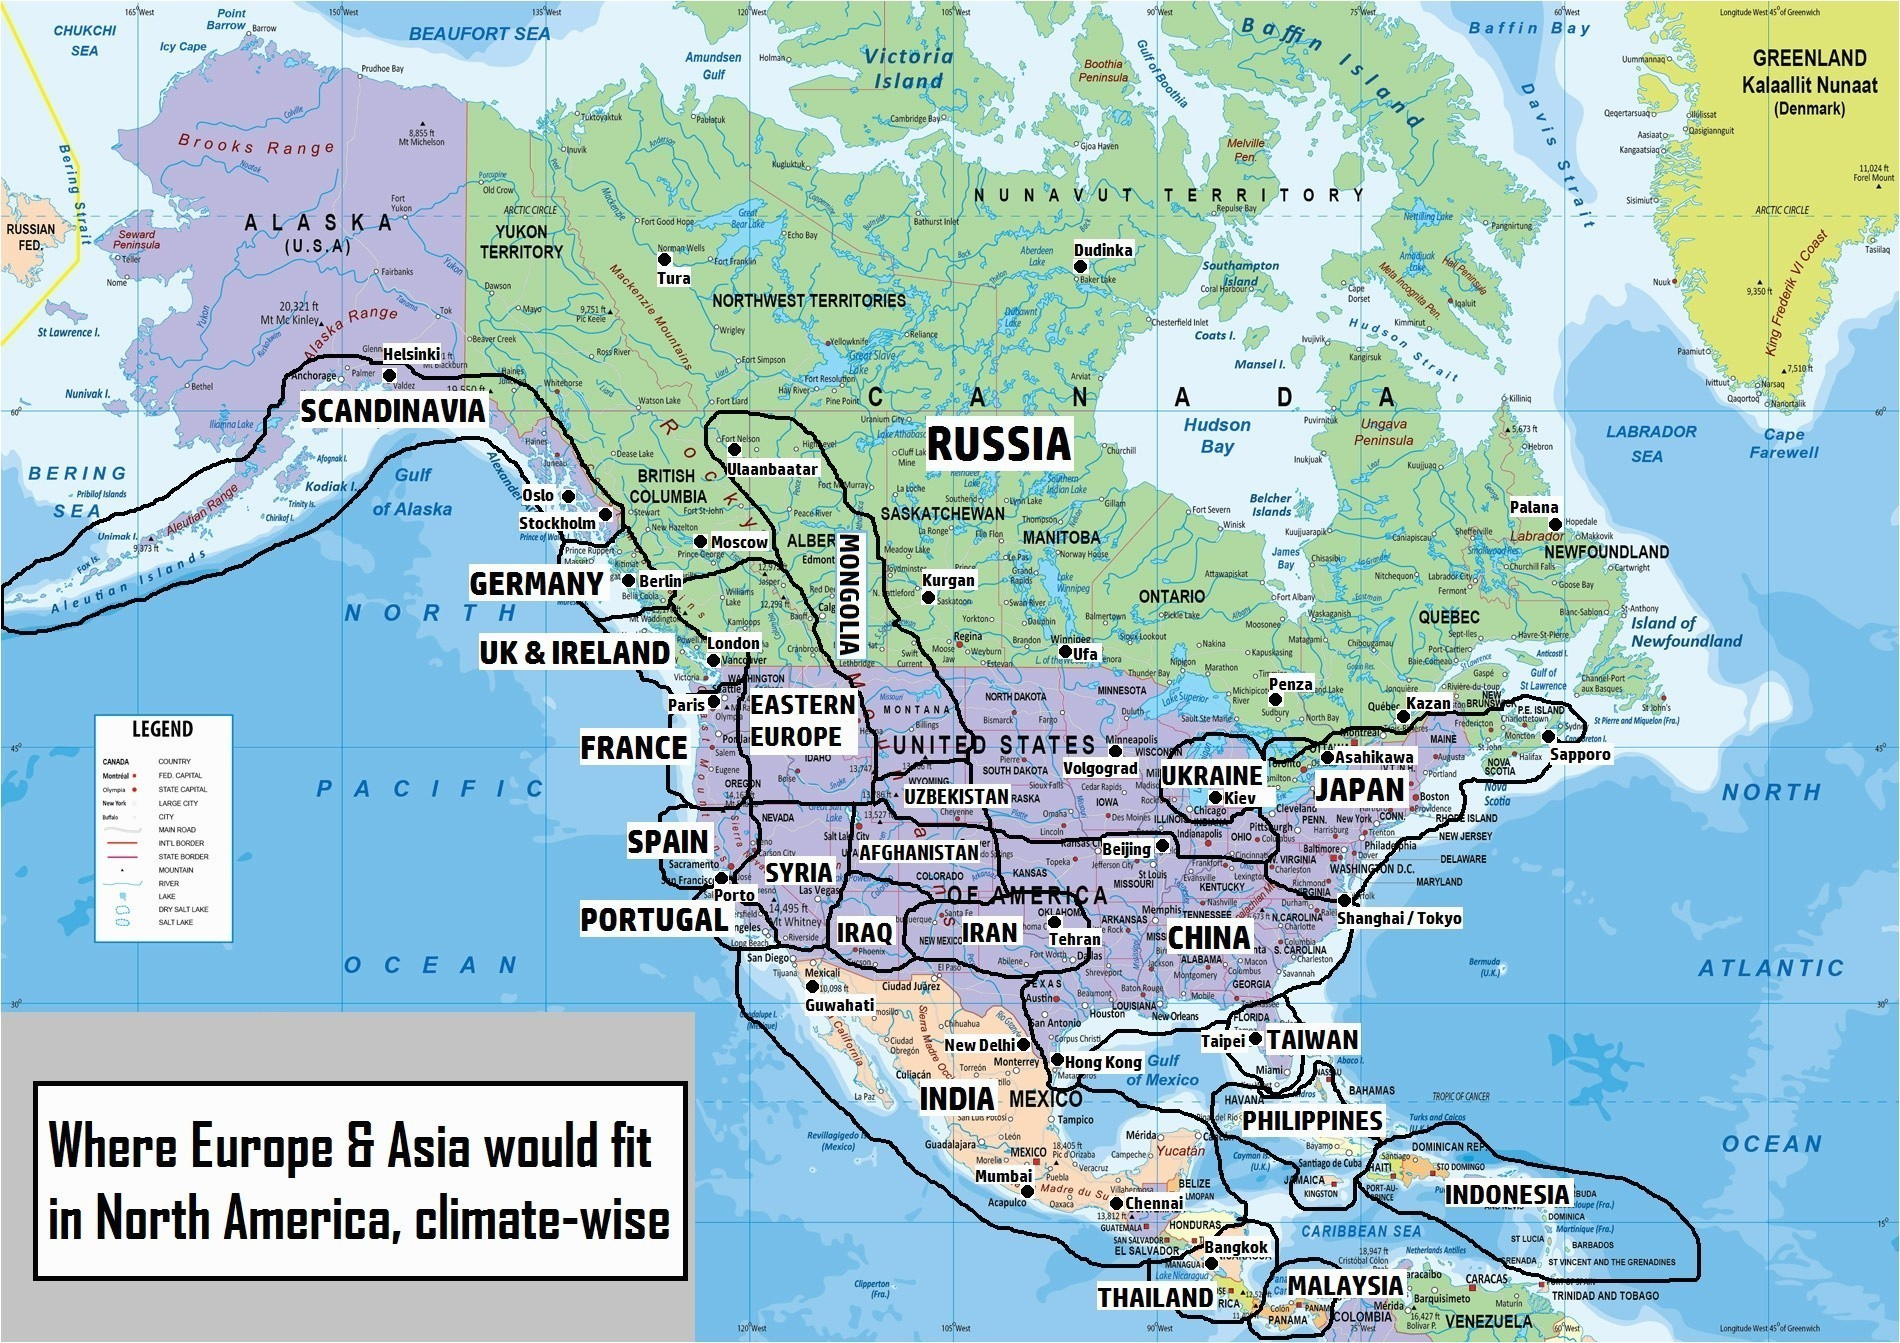 United States Map Orlando Florida Inspirational United States Street - Street Map Of Orlando Florida